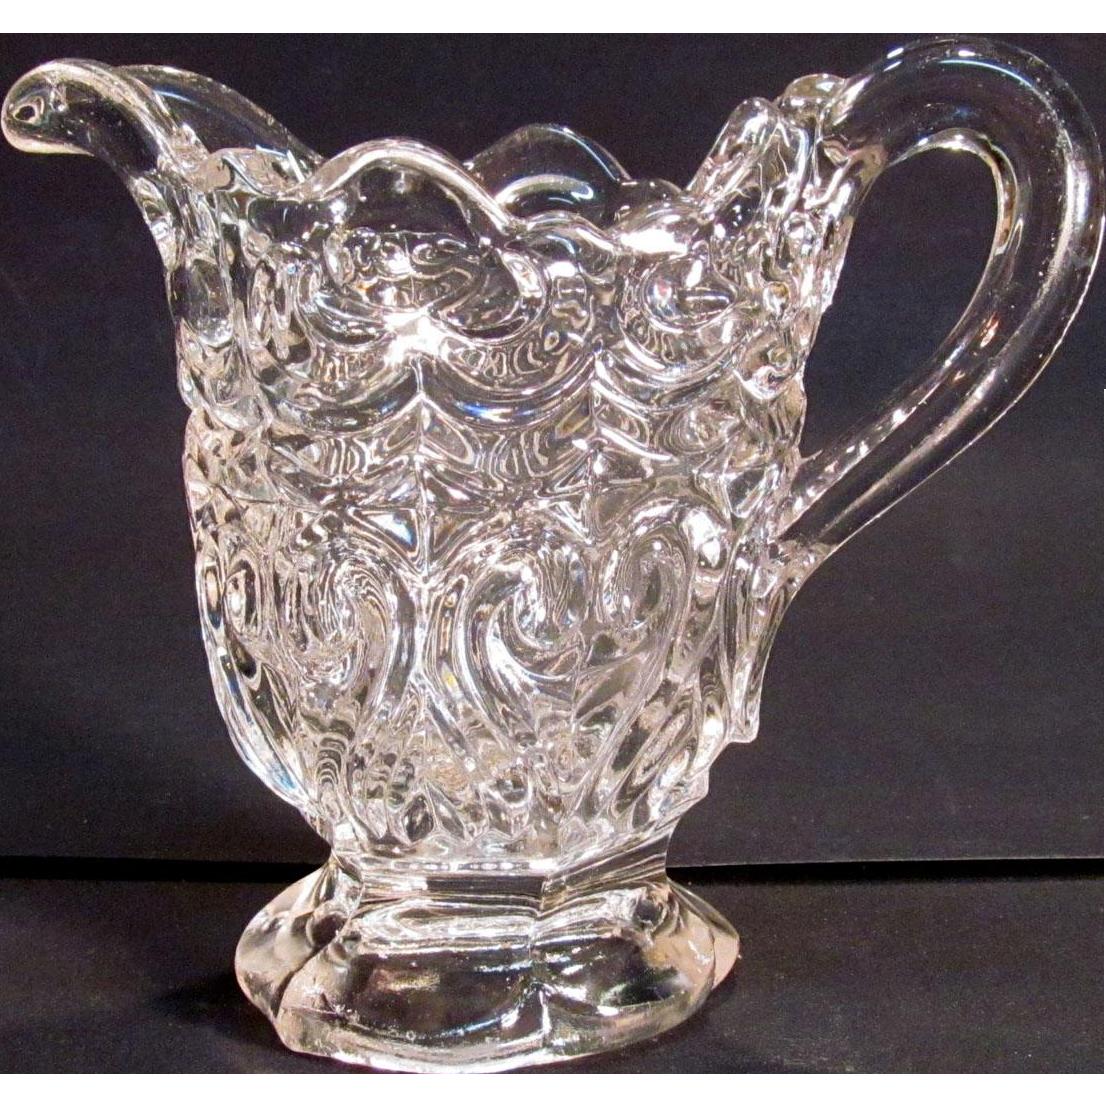 Flint Glass Creamer circa 1860